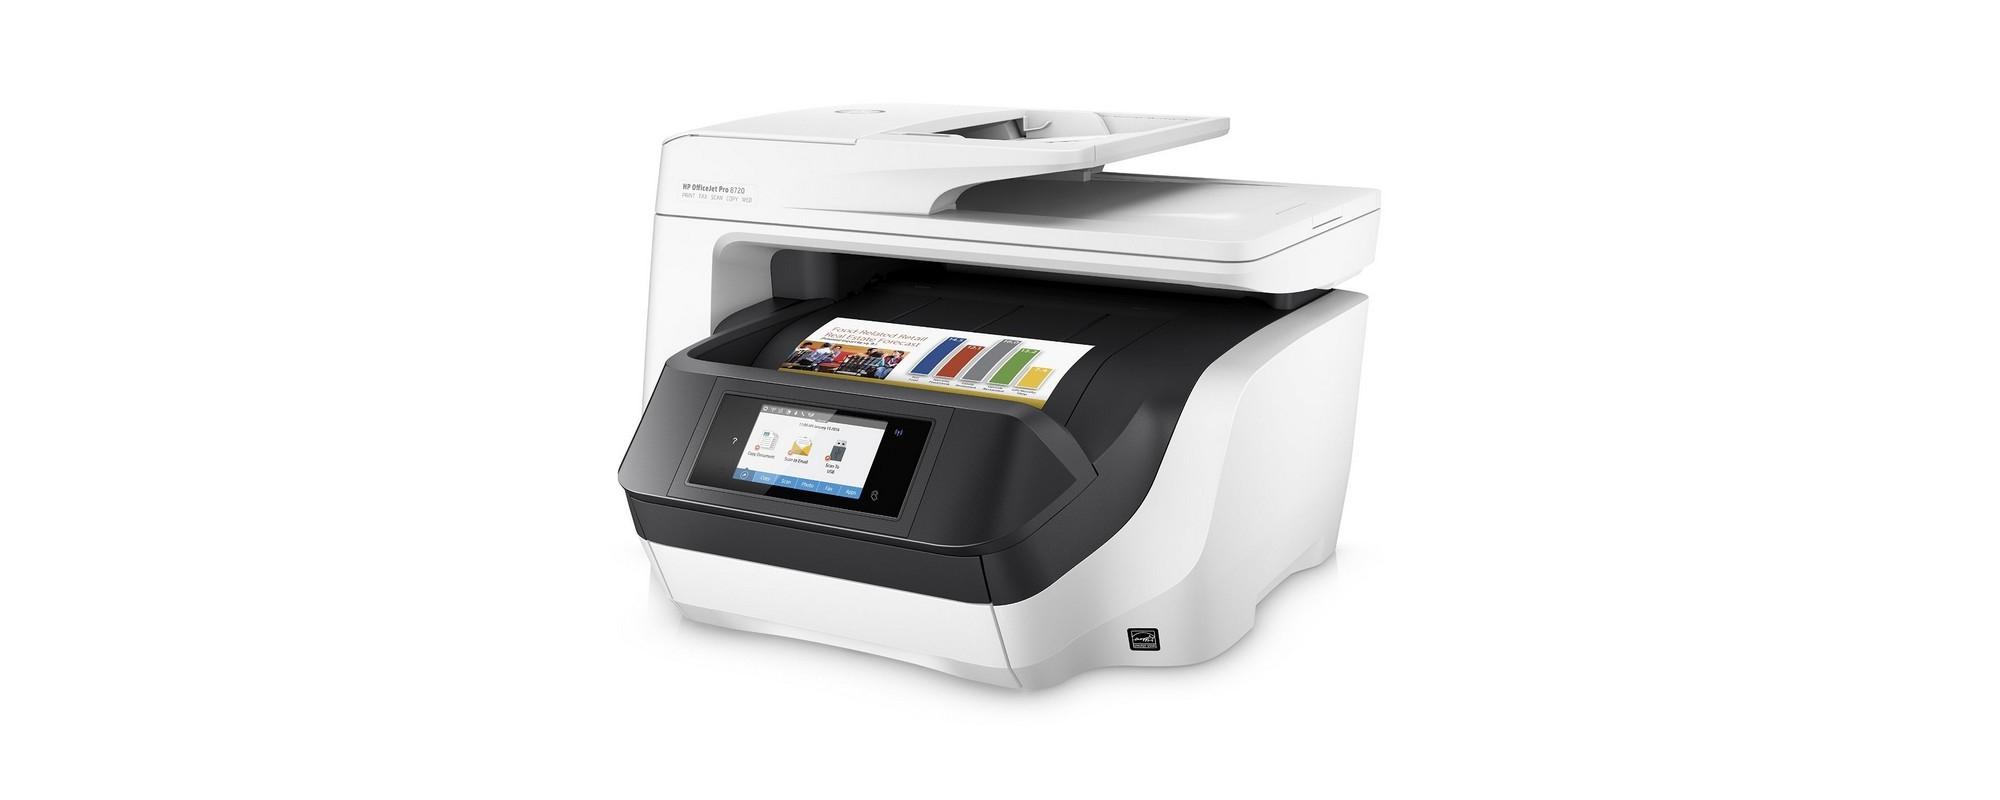 Cartuchos HP OfficeJet Pro 8720